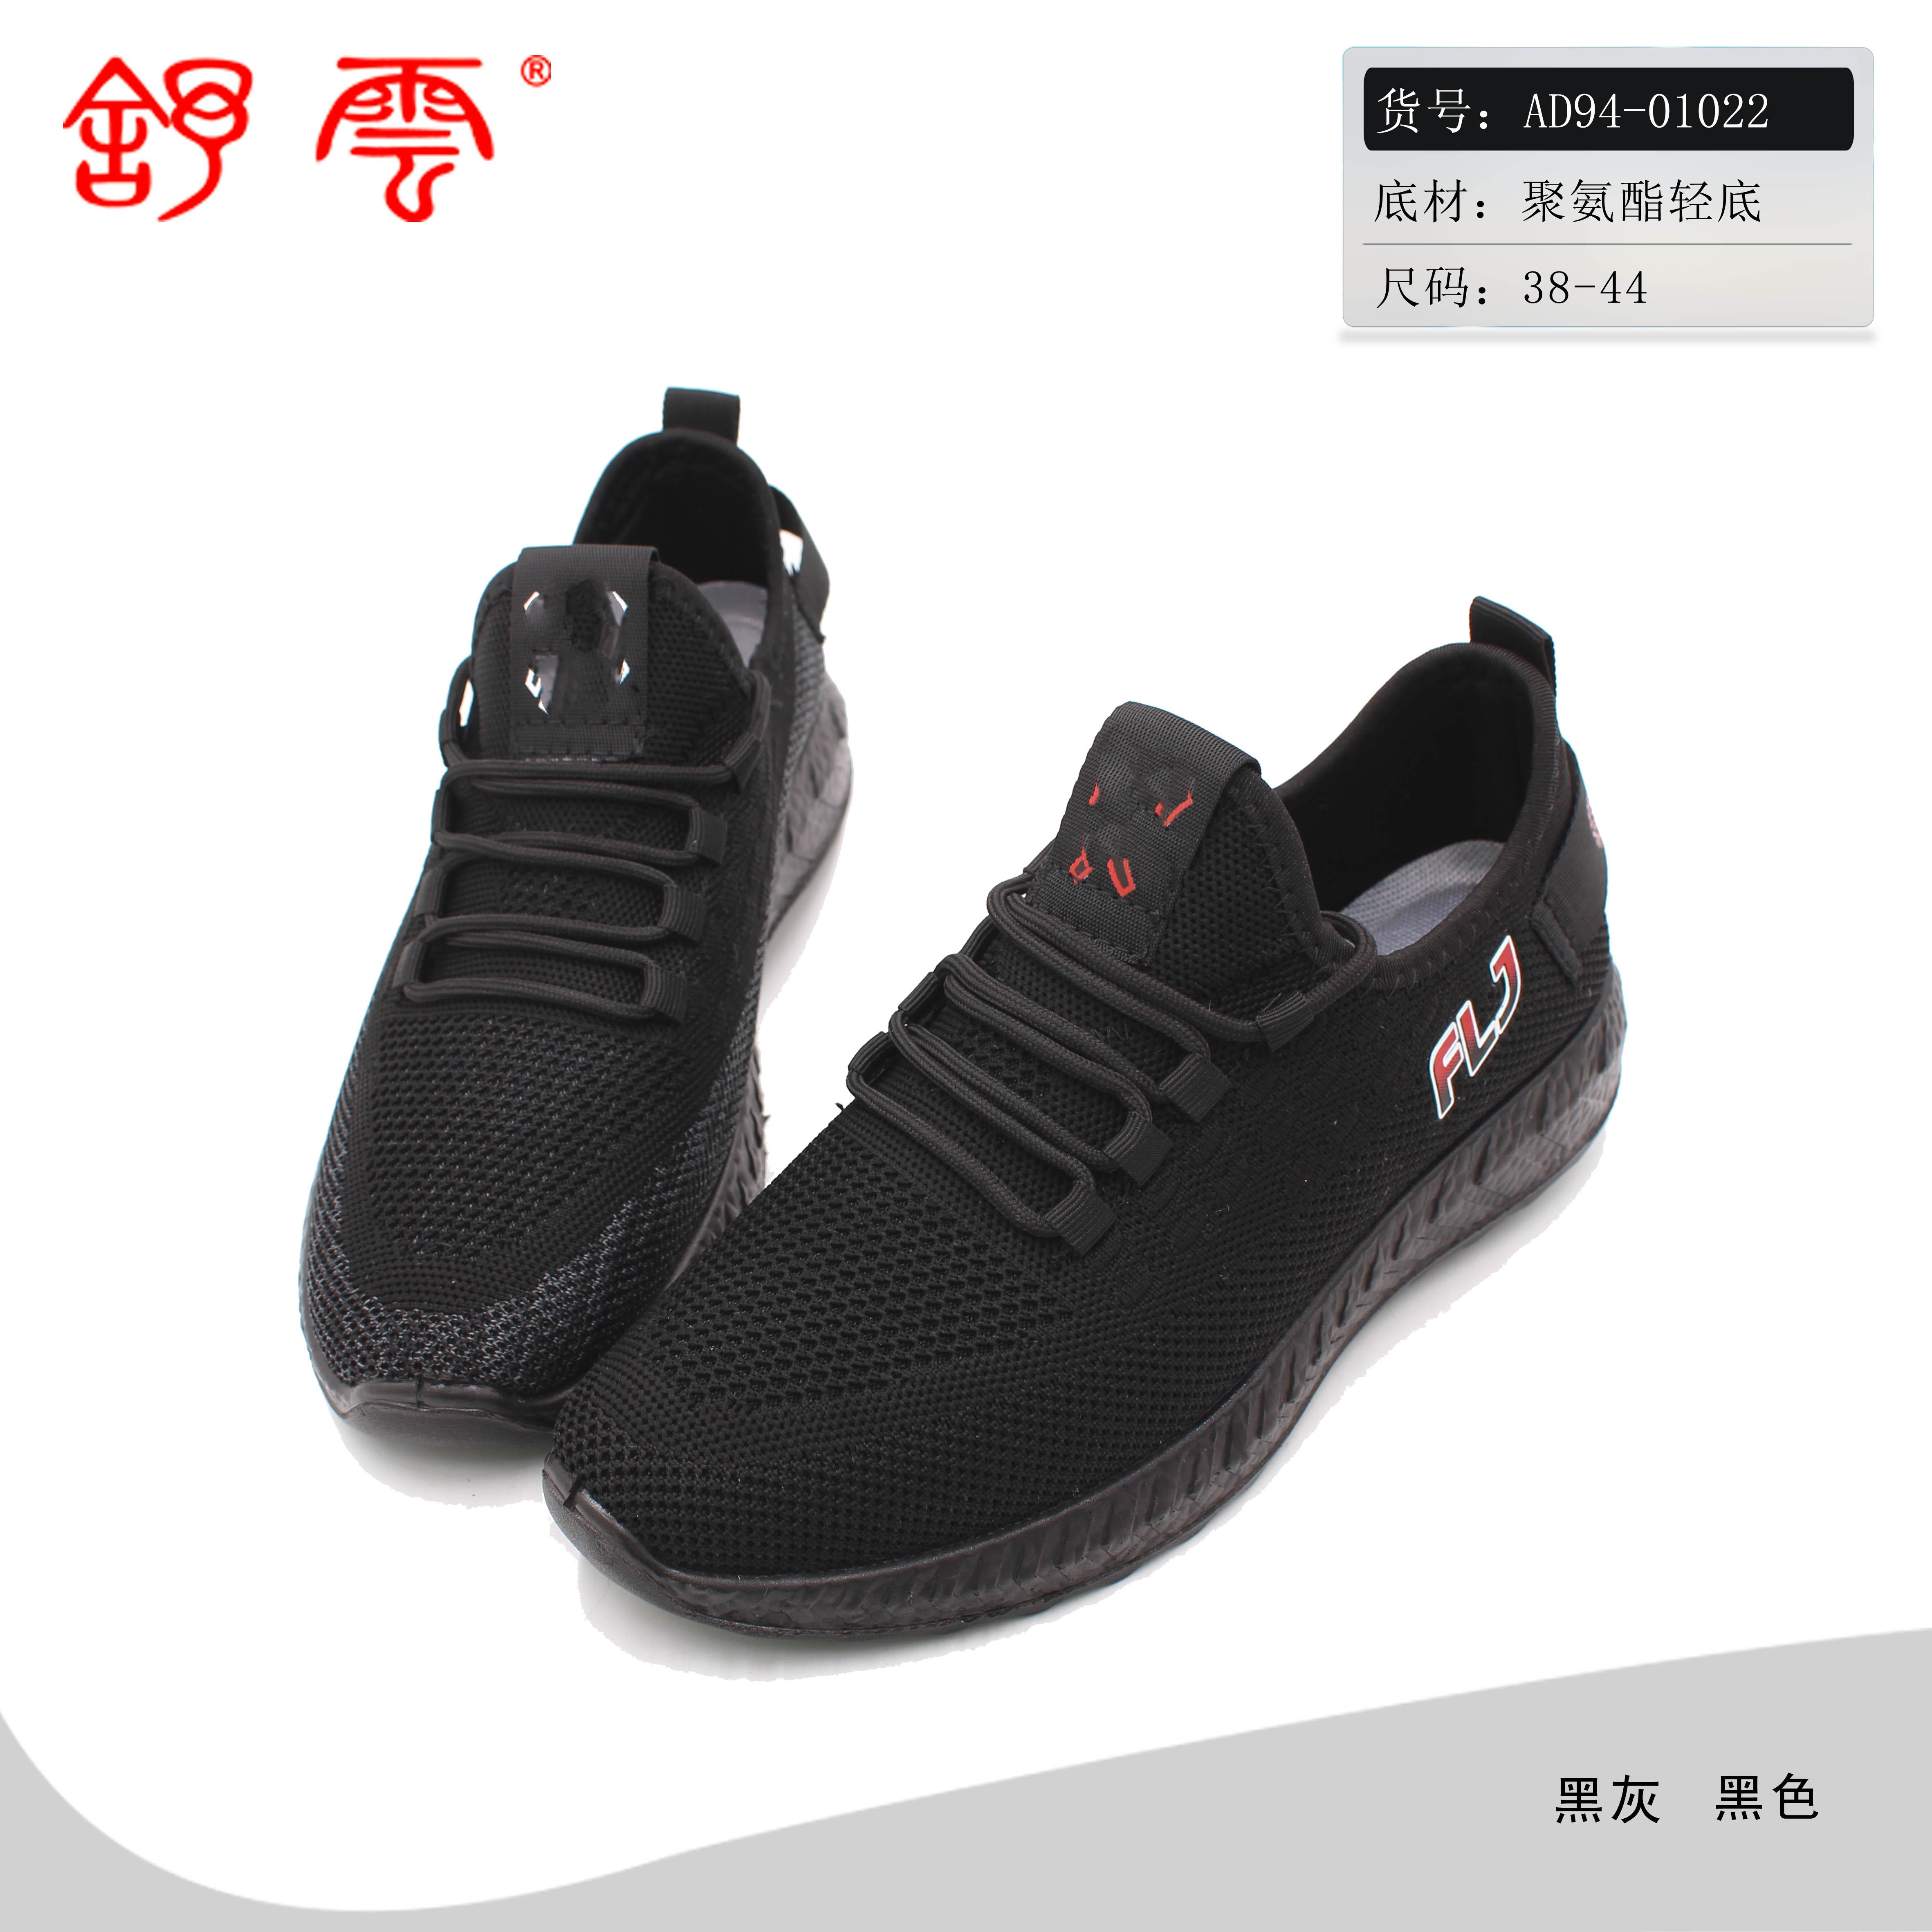 舒云老北京布鞋男士椰子款带里衬舒适透气超轻底开车工作好看